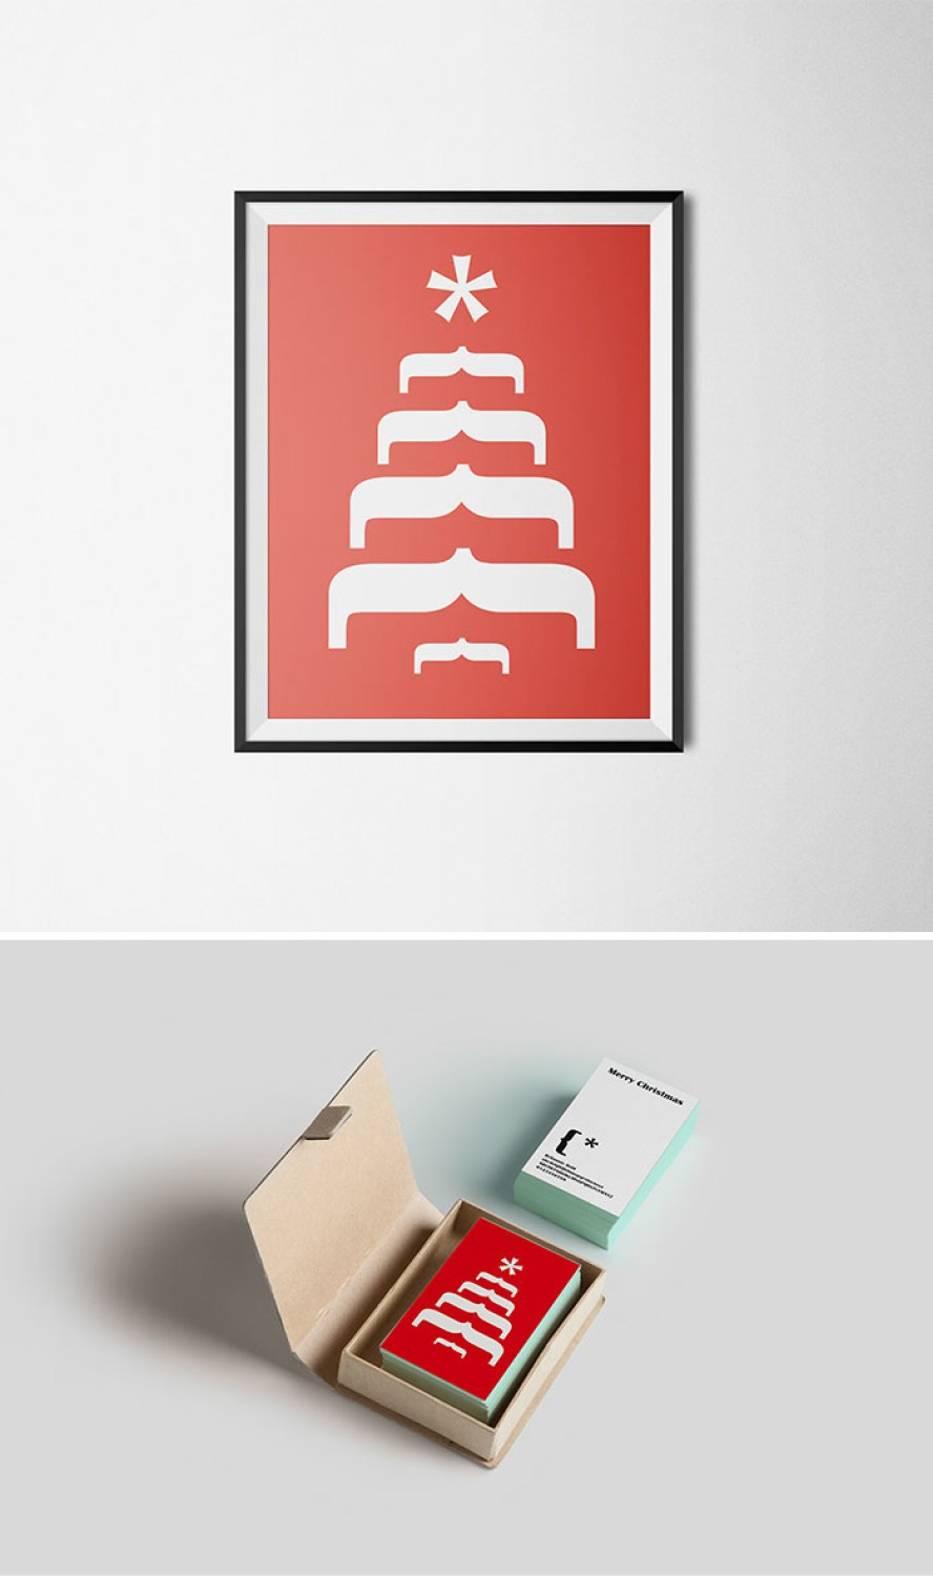 Kreatywne świąteczne plakaty. Mało znaków, dużo treści [ZDJĘCIA]